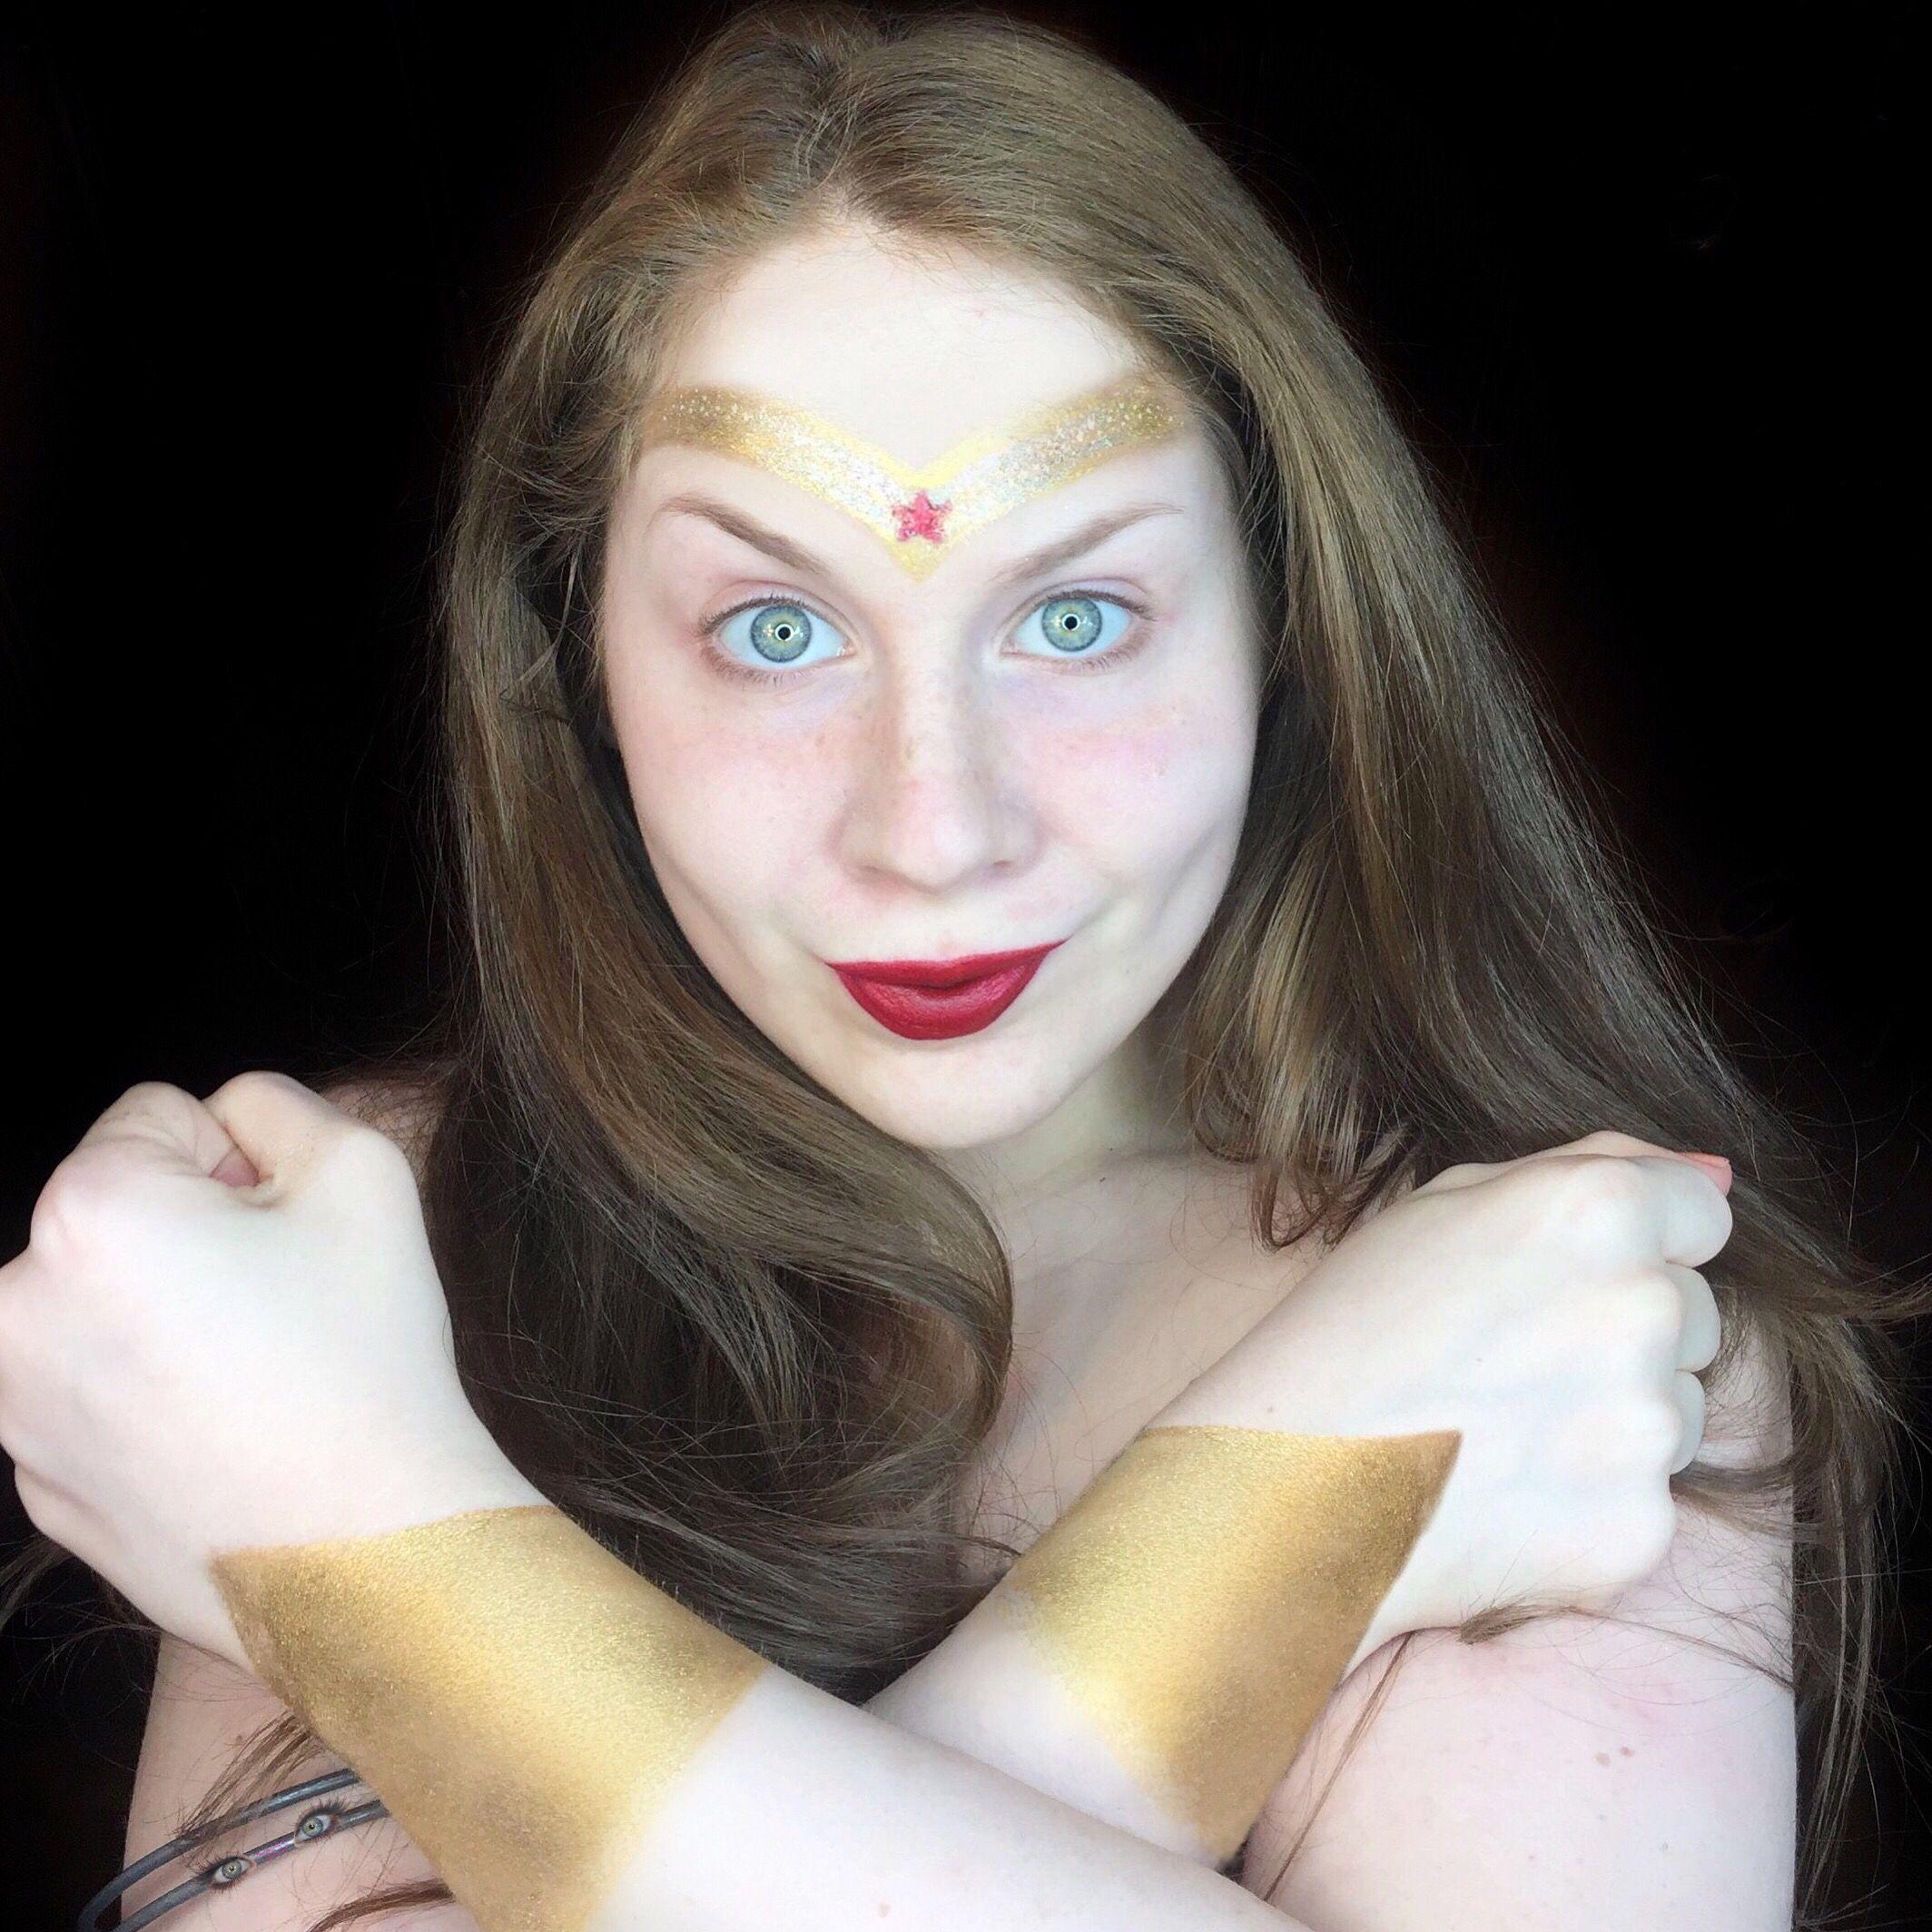 Simple Wonder Woman Halloween Makeup Look (WonderLillee